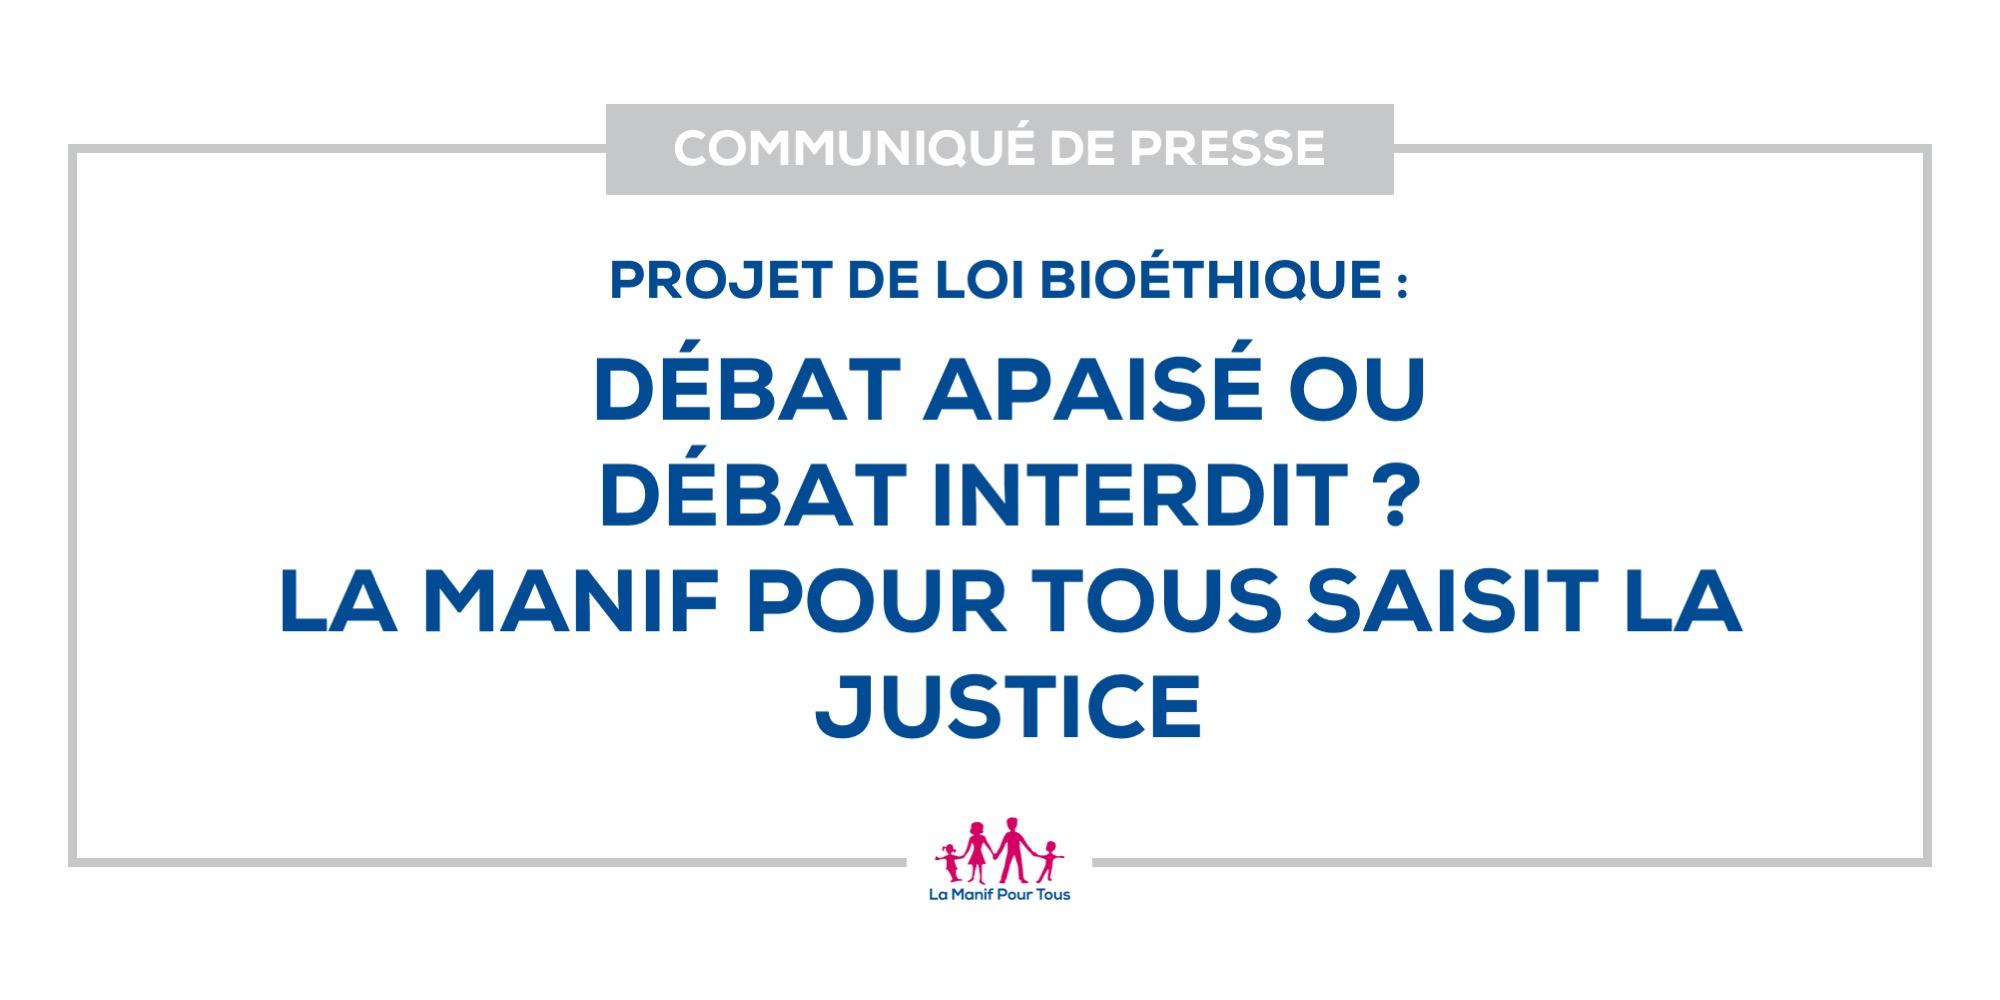 Image - Projet de loi bioéthique: débat apaisé ou débat interdit? La Manif Pour Tous saisit la justice